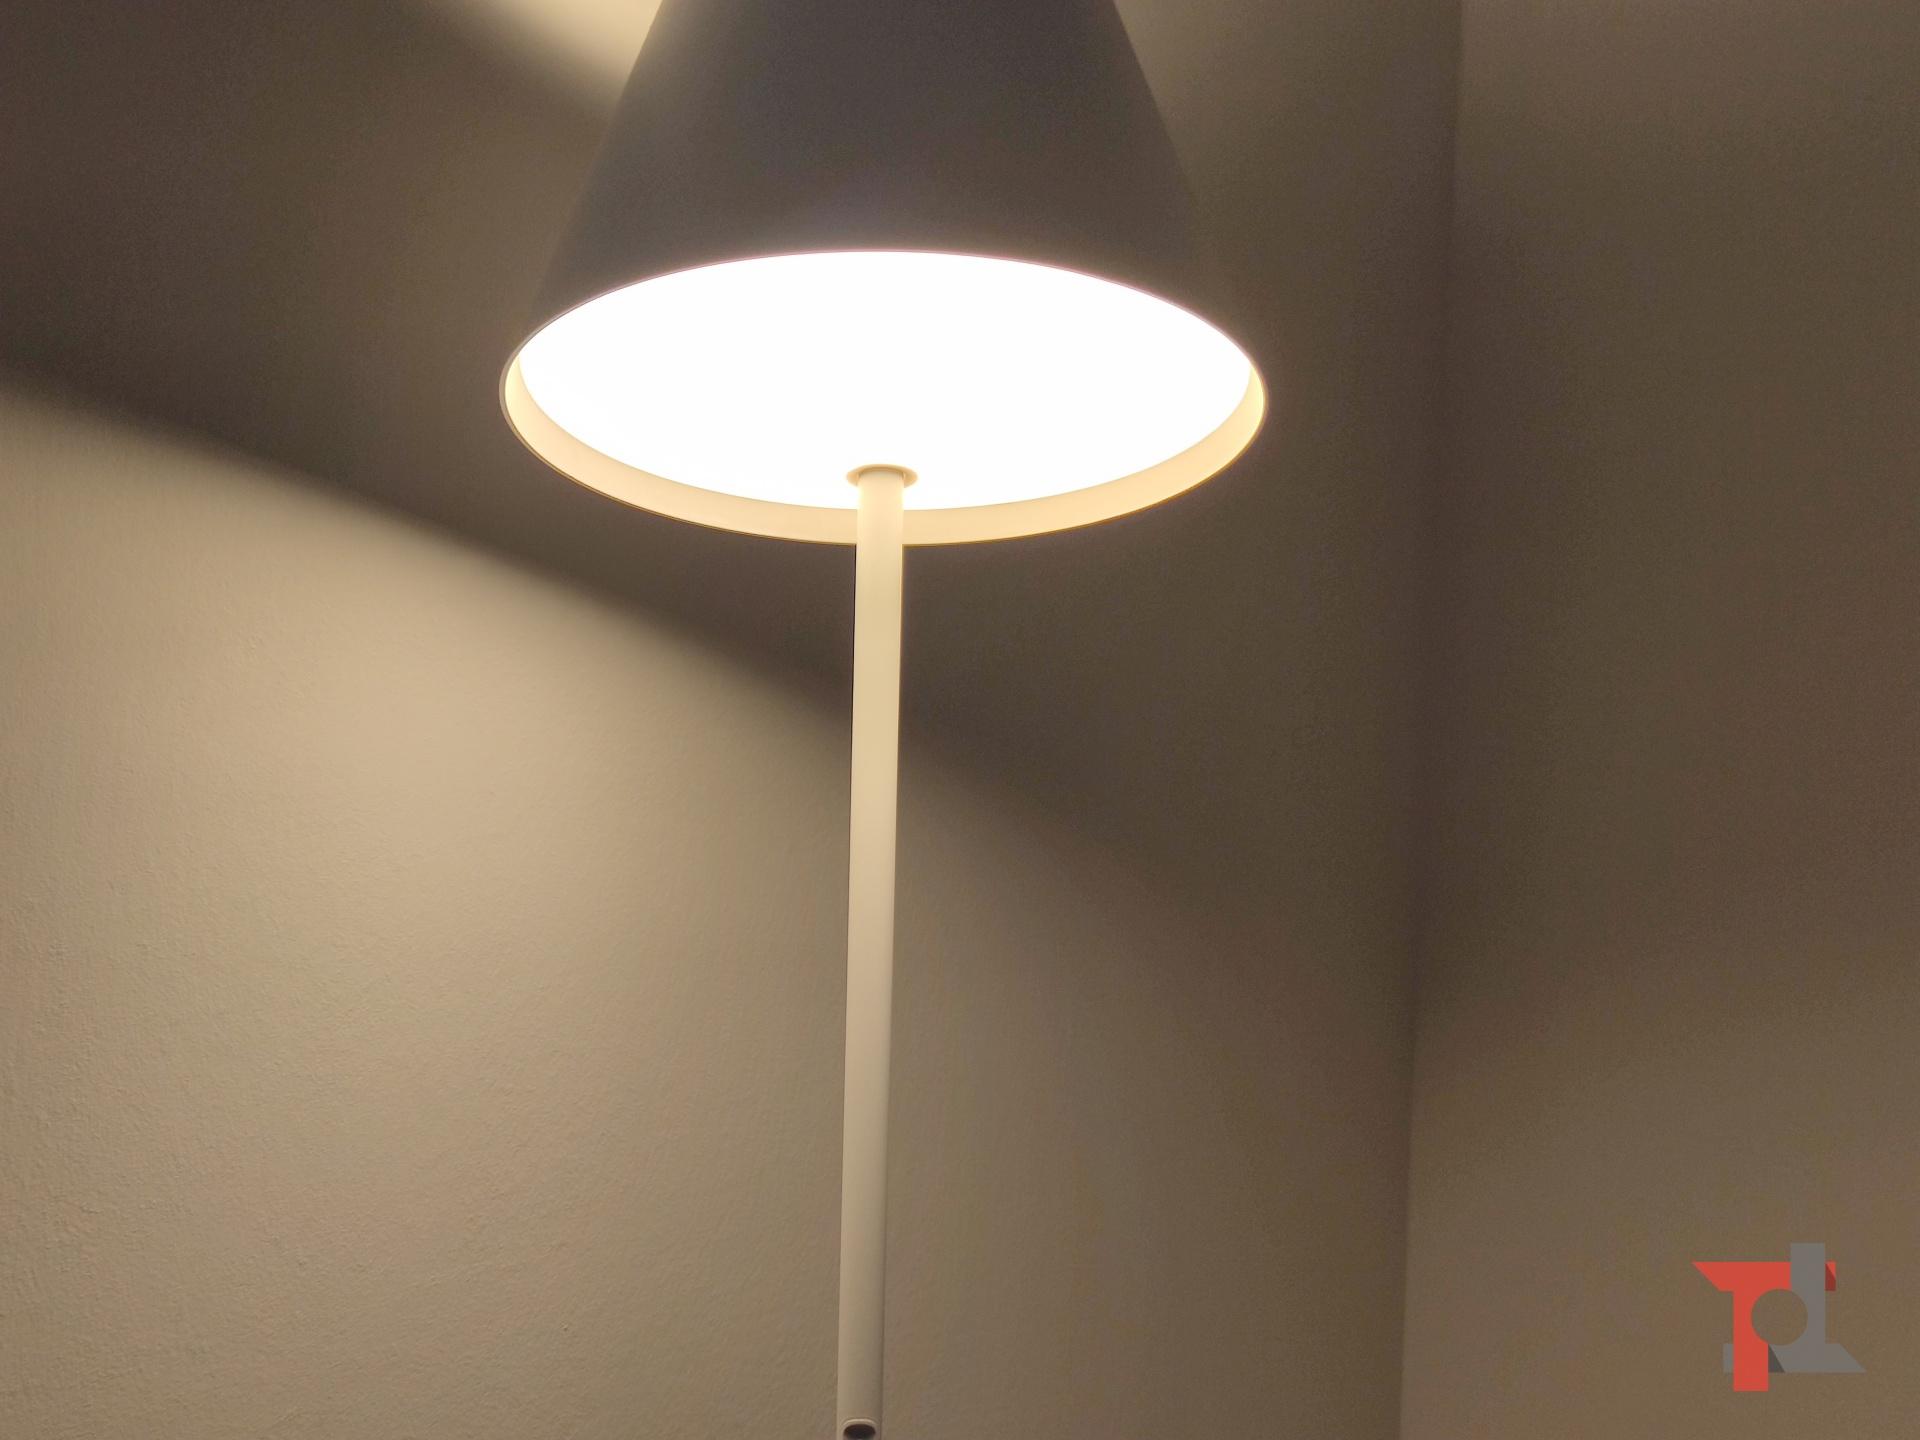 Recensione Yeelight Floor Lamp, la lampada da pavimento che crea l'atmosfera giusta 5